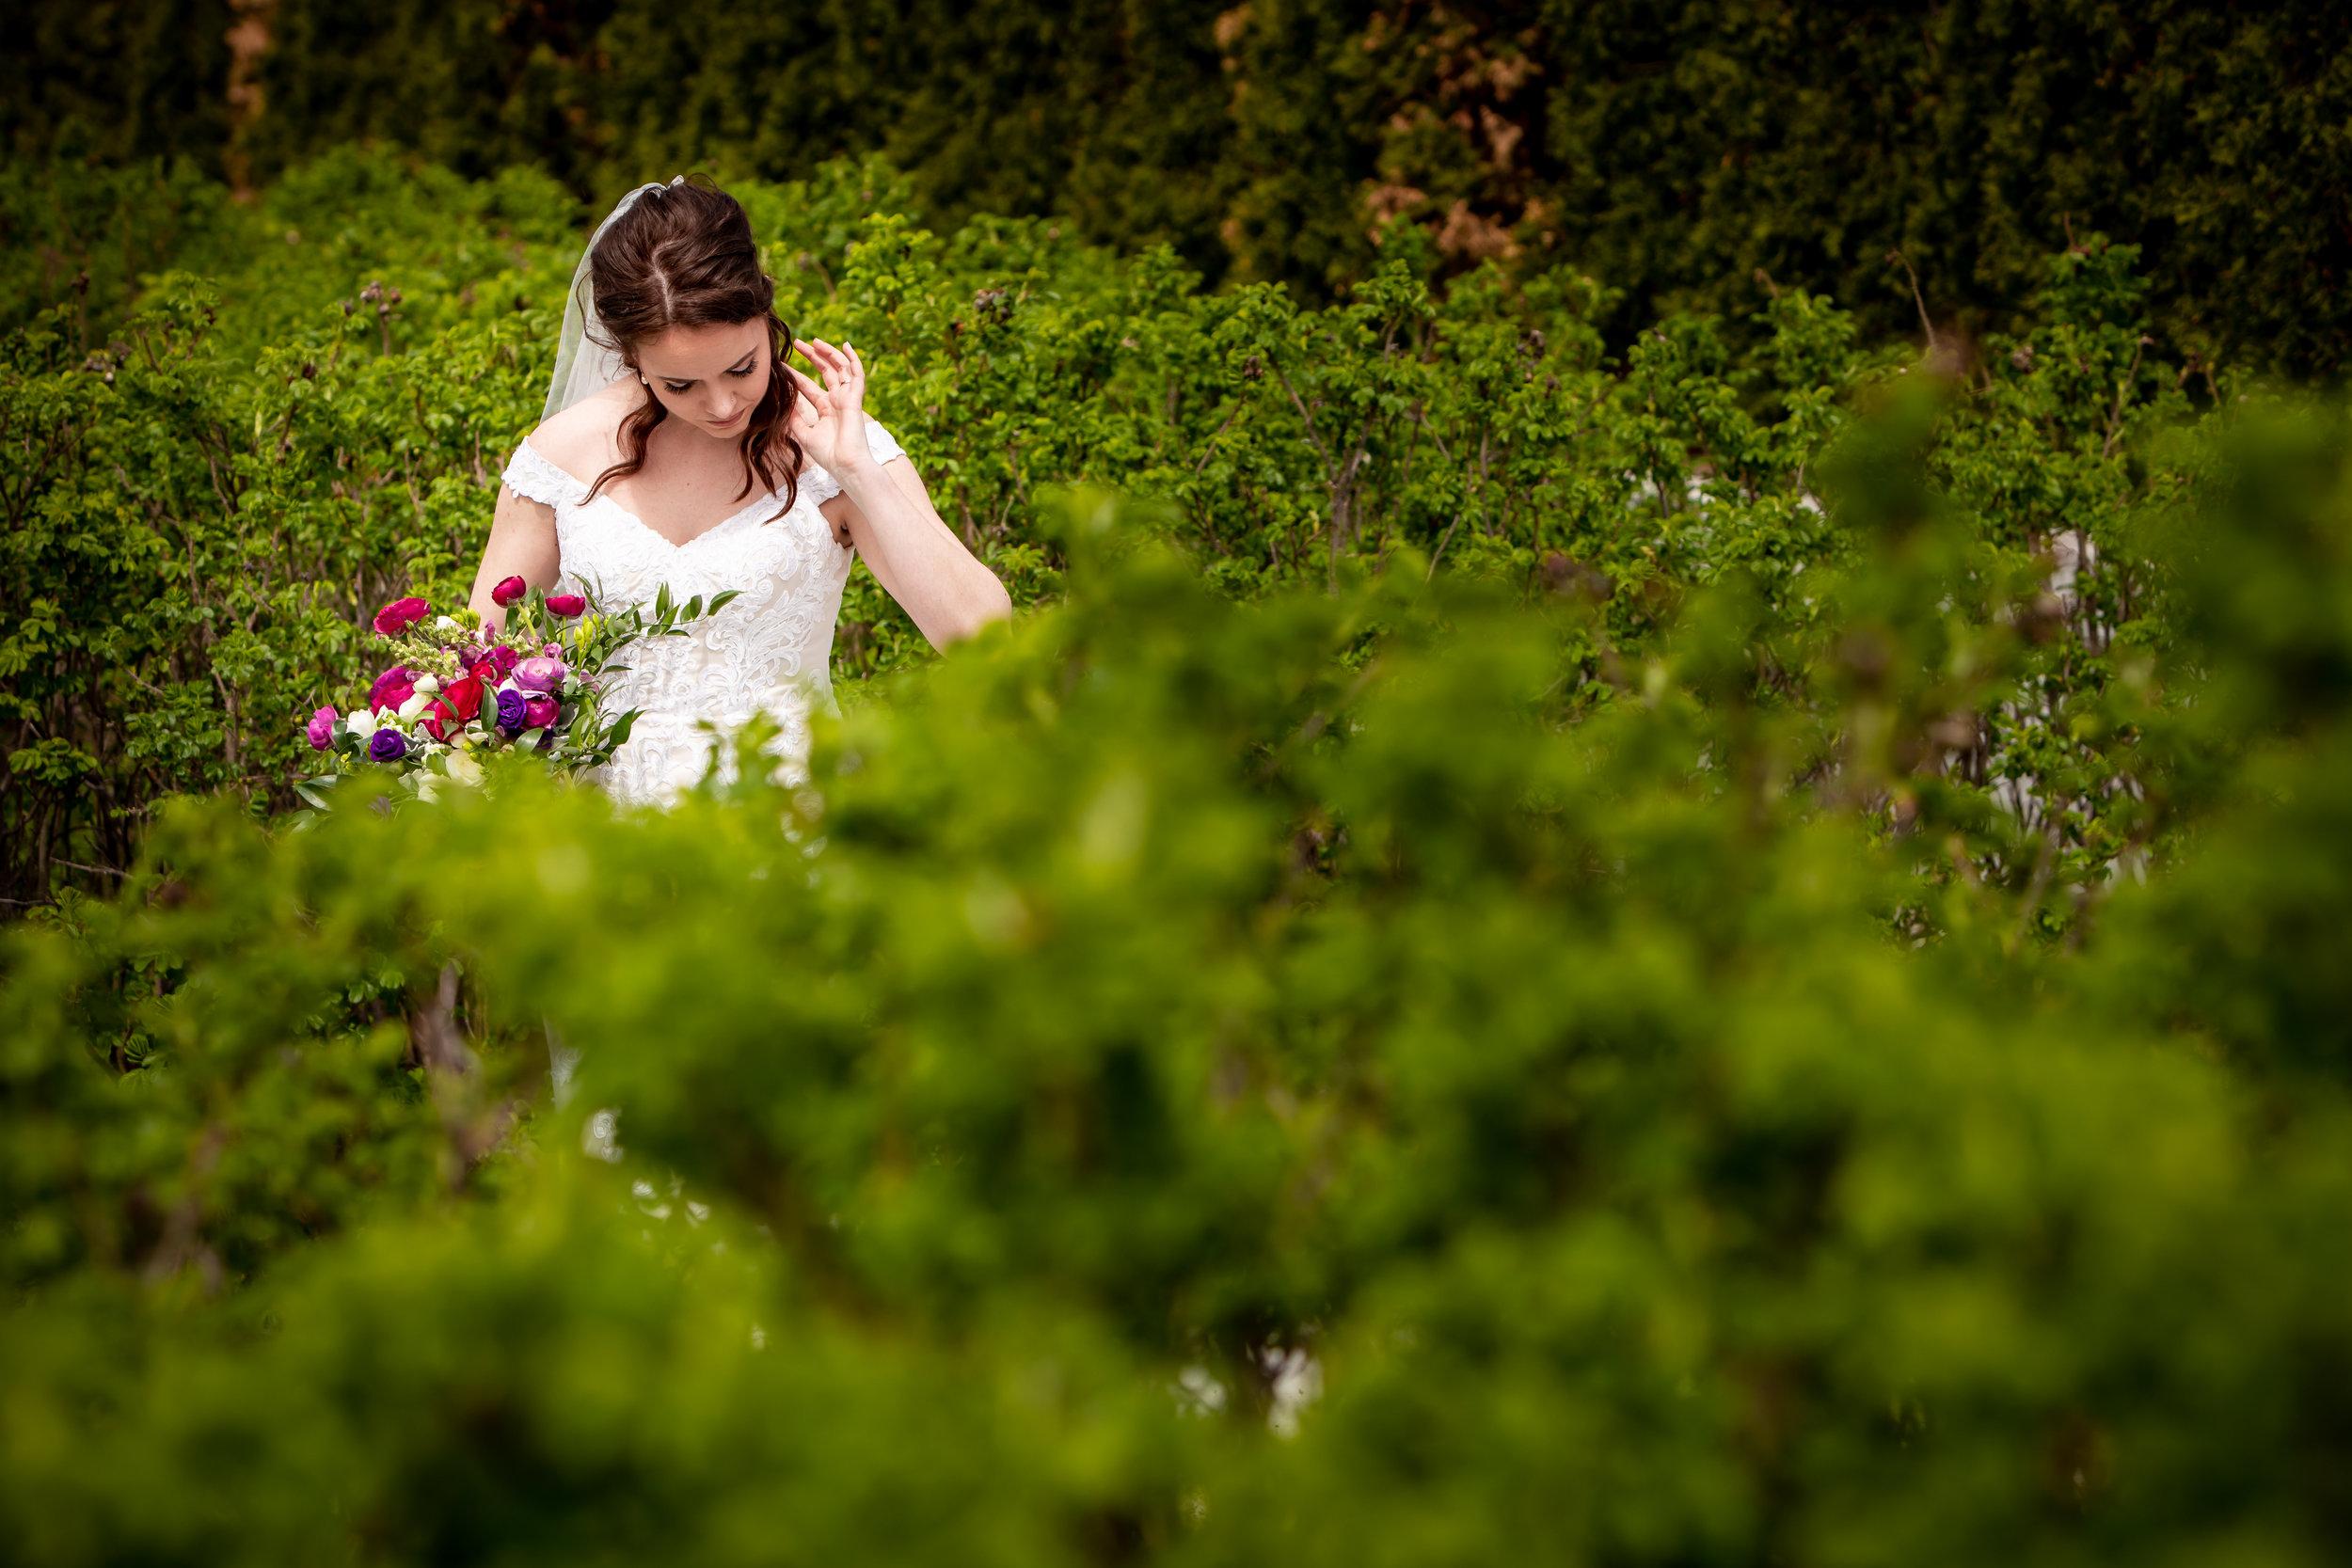 YMG-wedding-photos-33.jpg